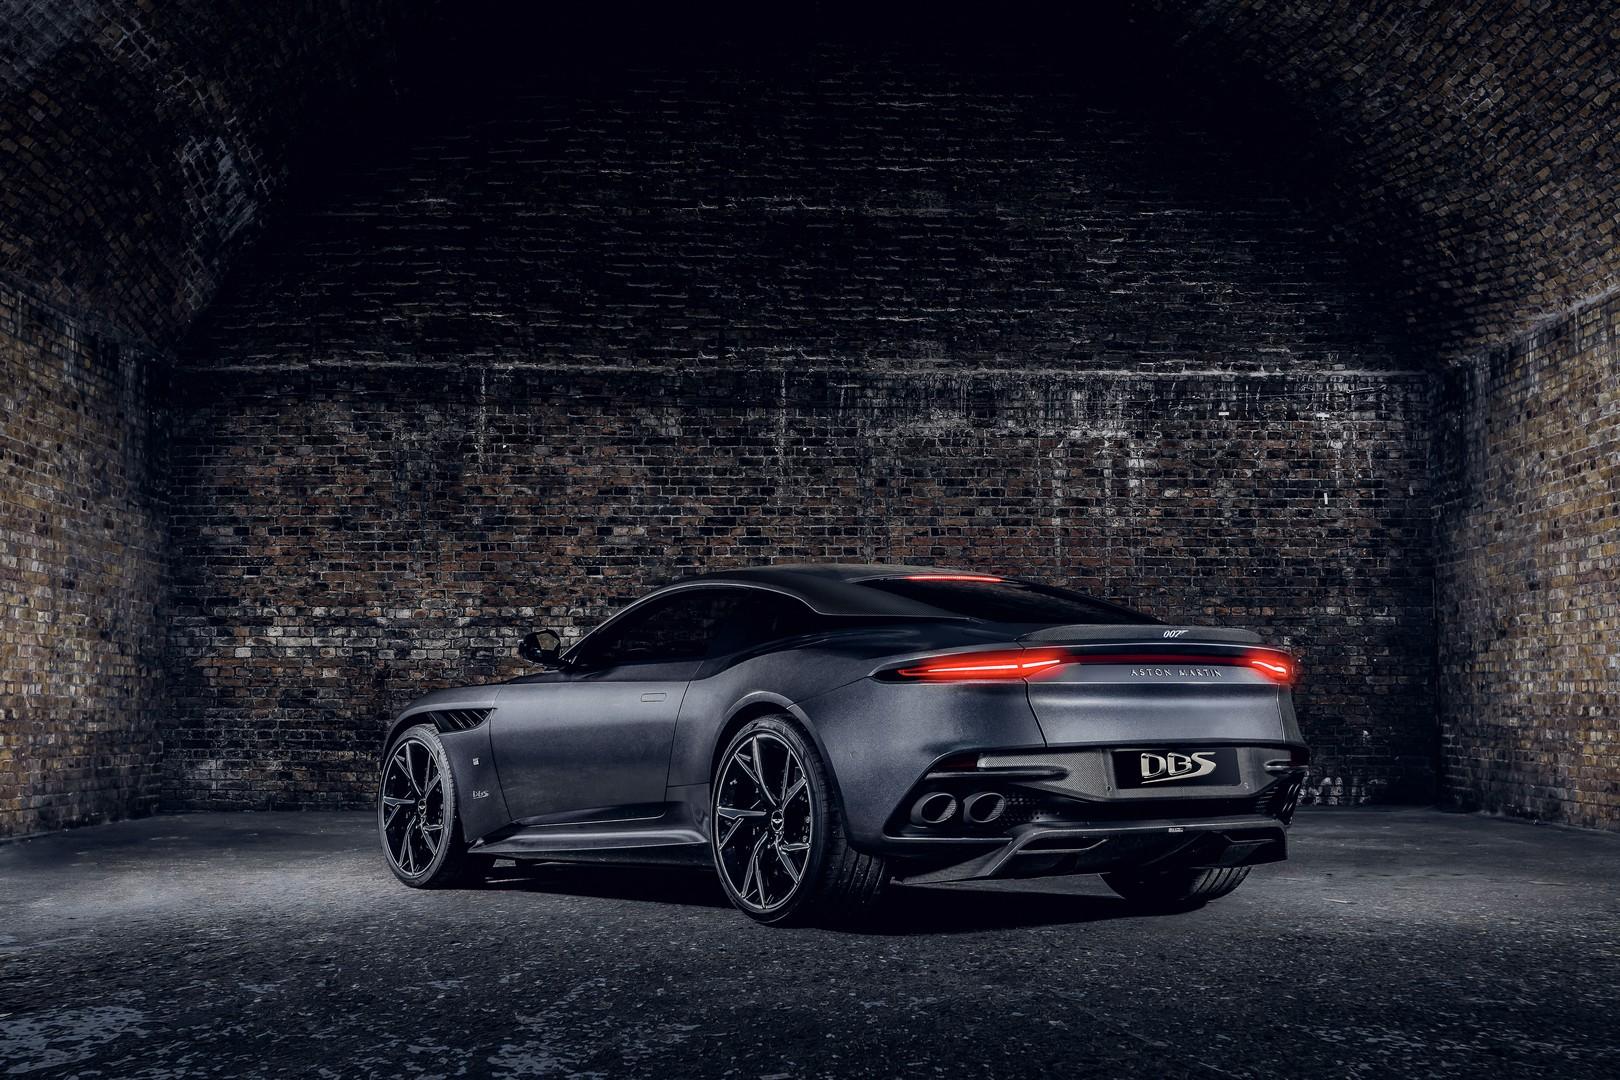 Οι νέες εκδόσεις 007 Edition των Aston Martin DBS Superleggera και Vantage